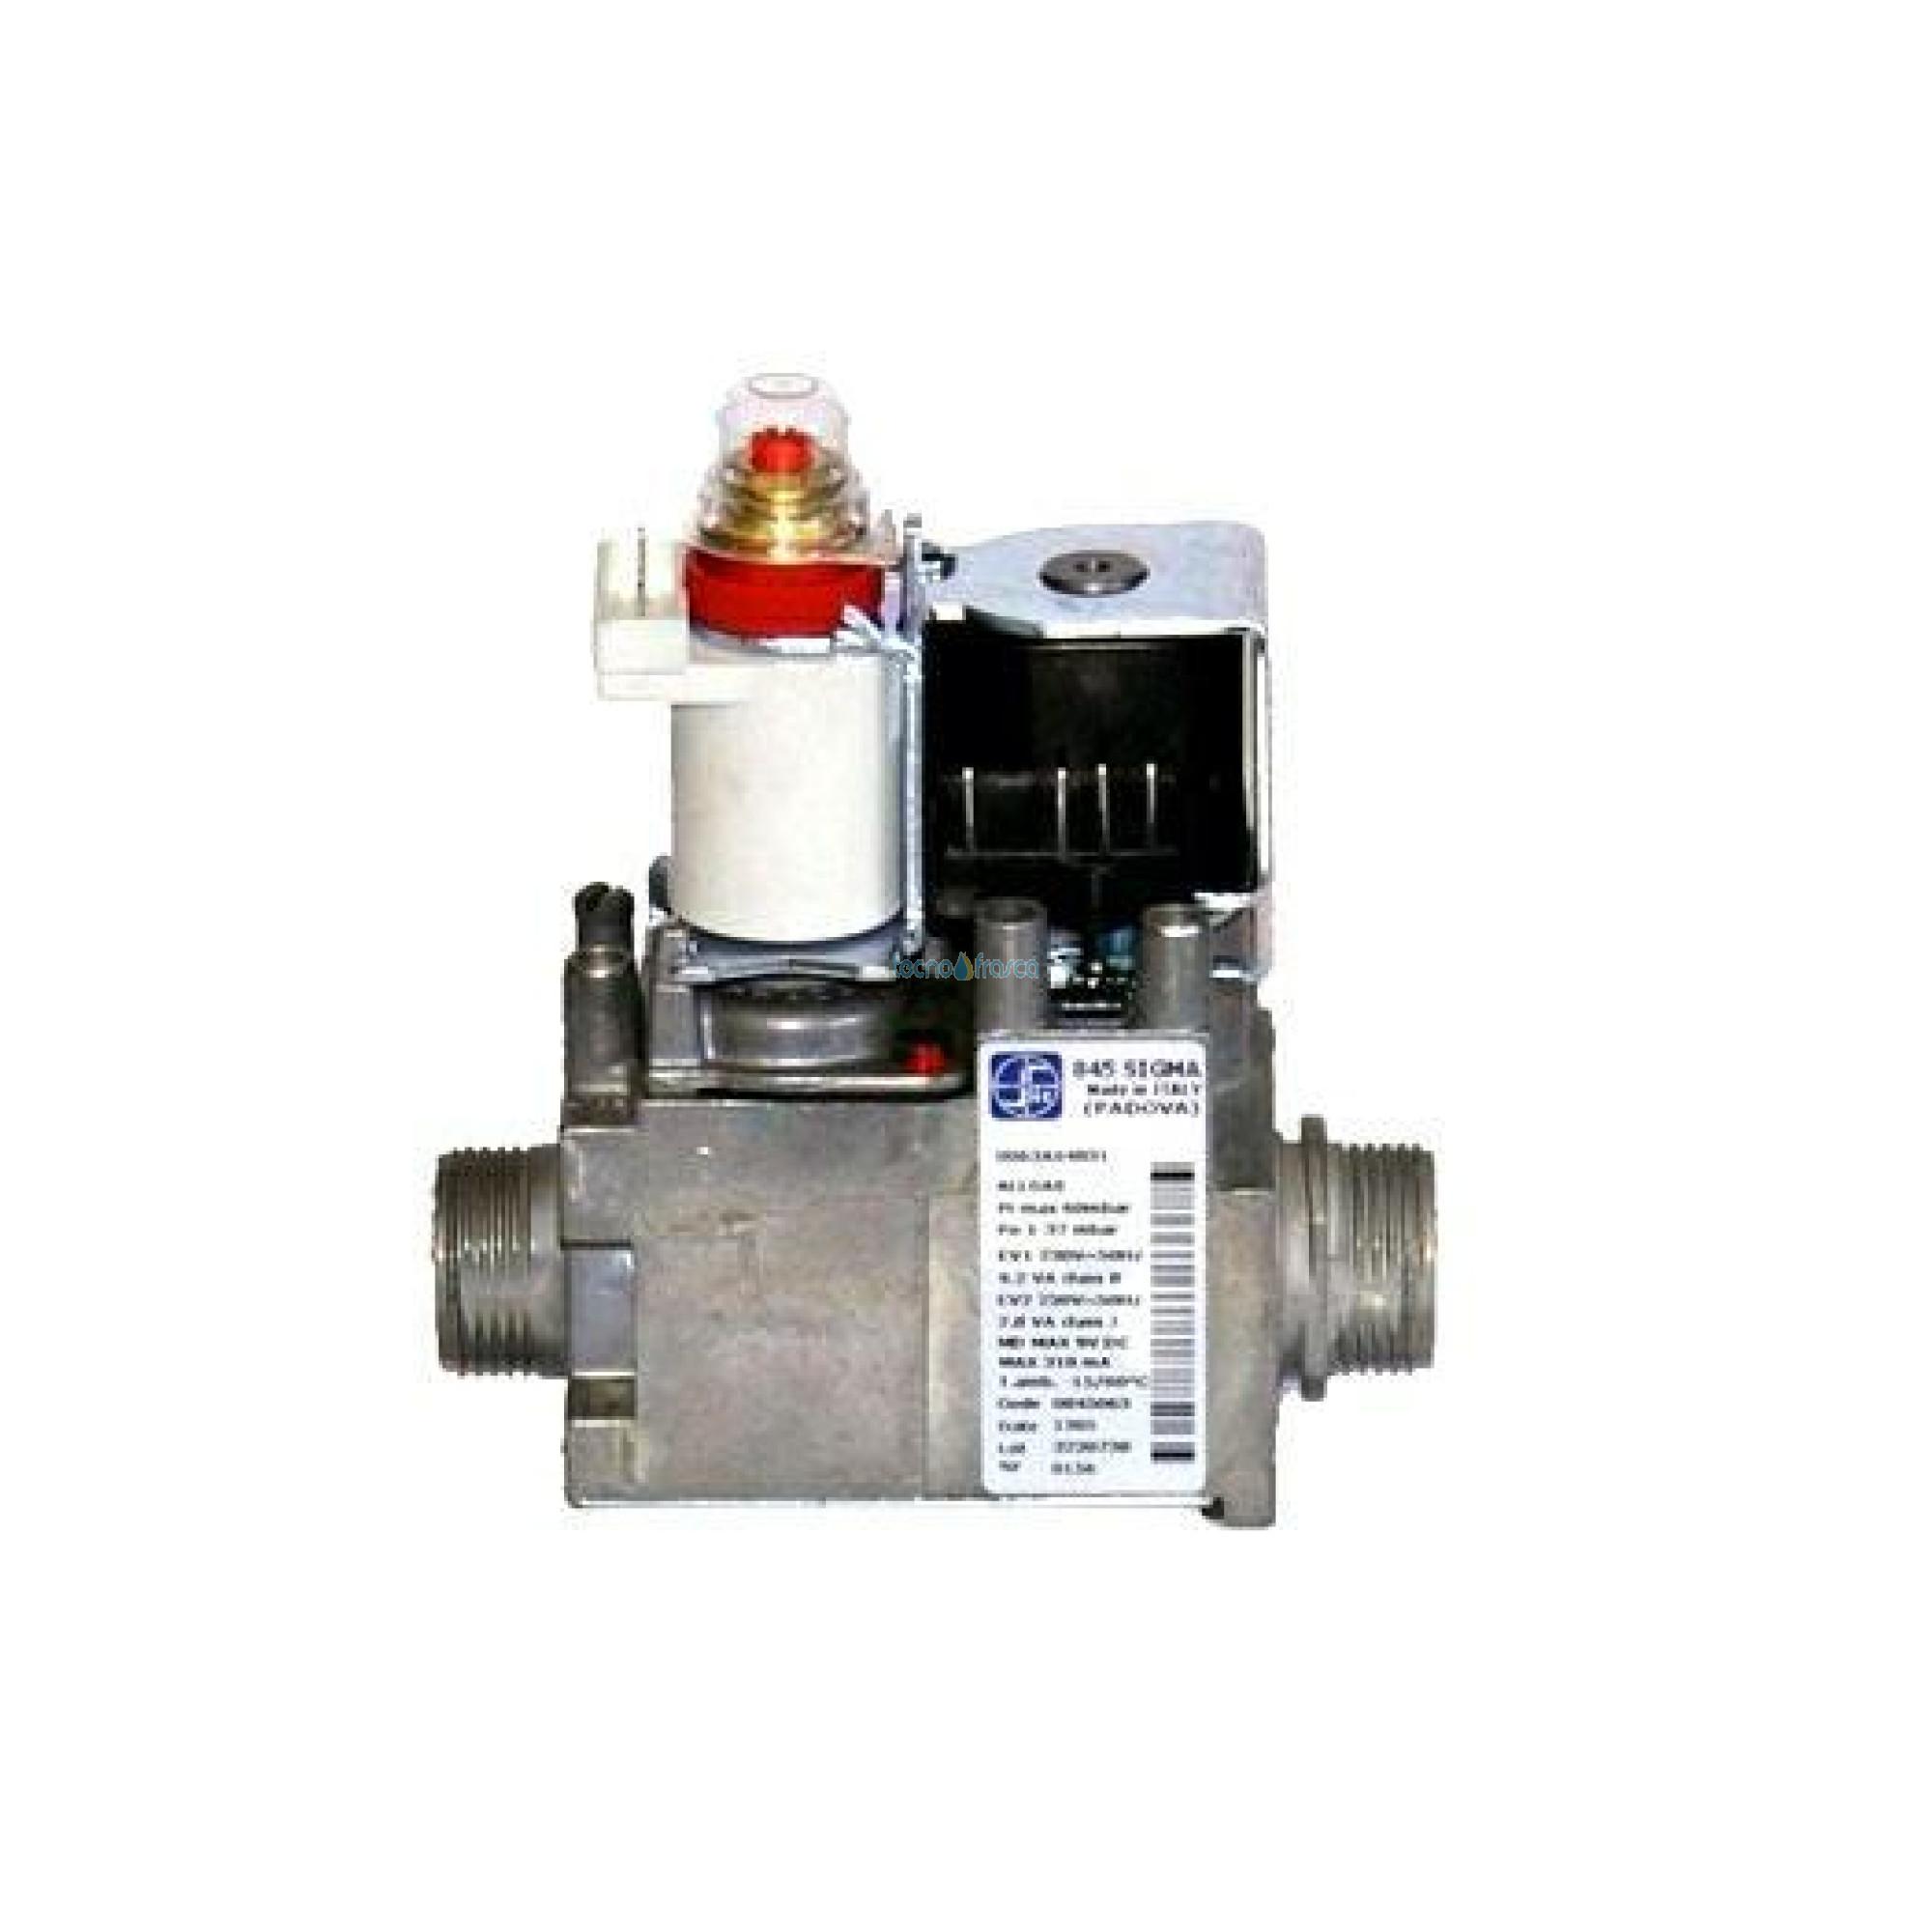 Sit valvola gas 845 sigma 0845063 ex 0845109 immergas